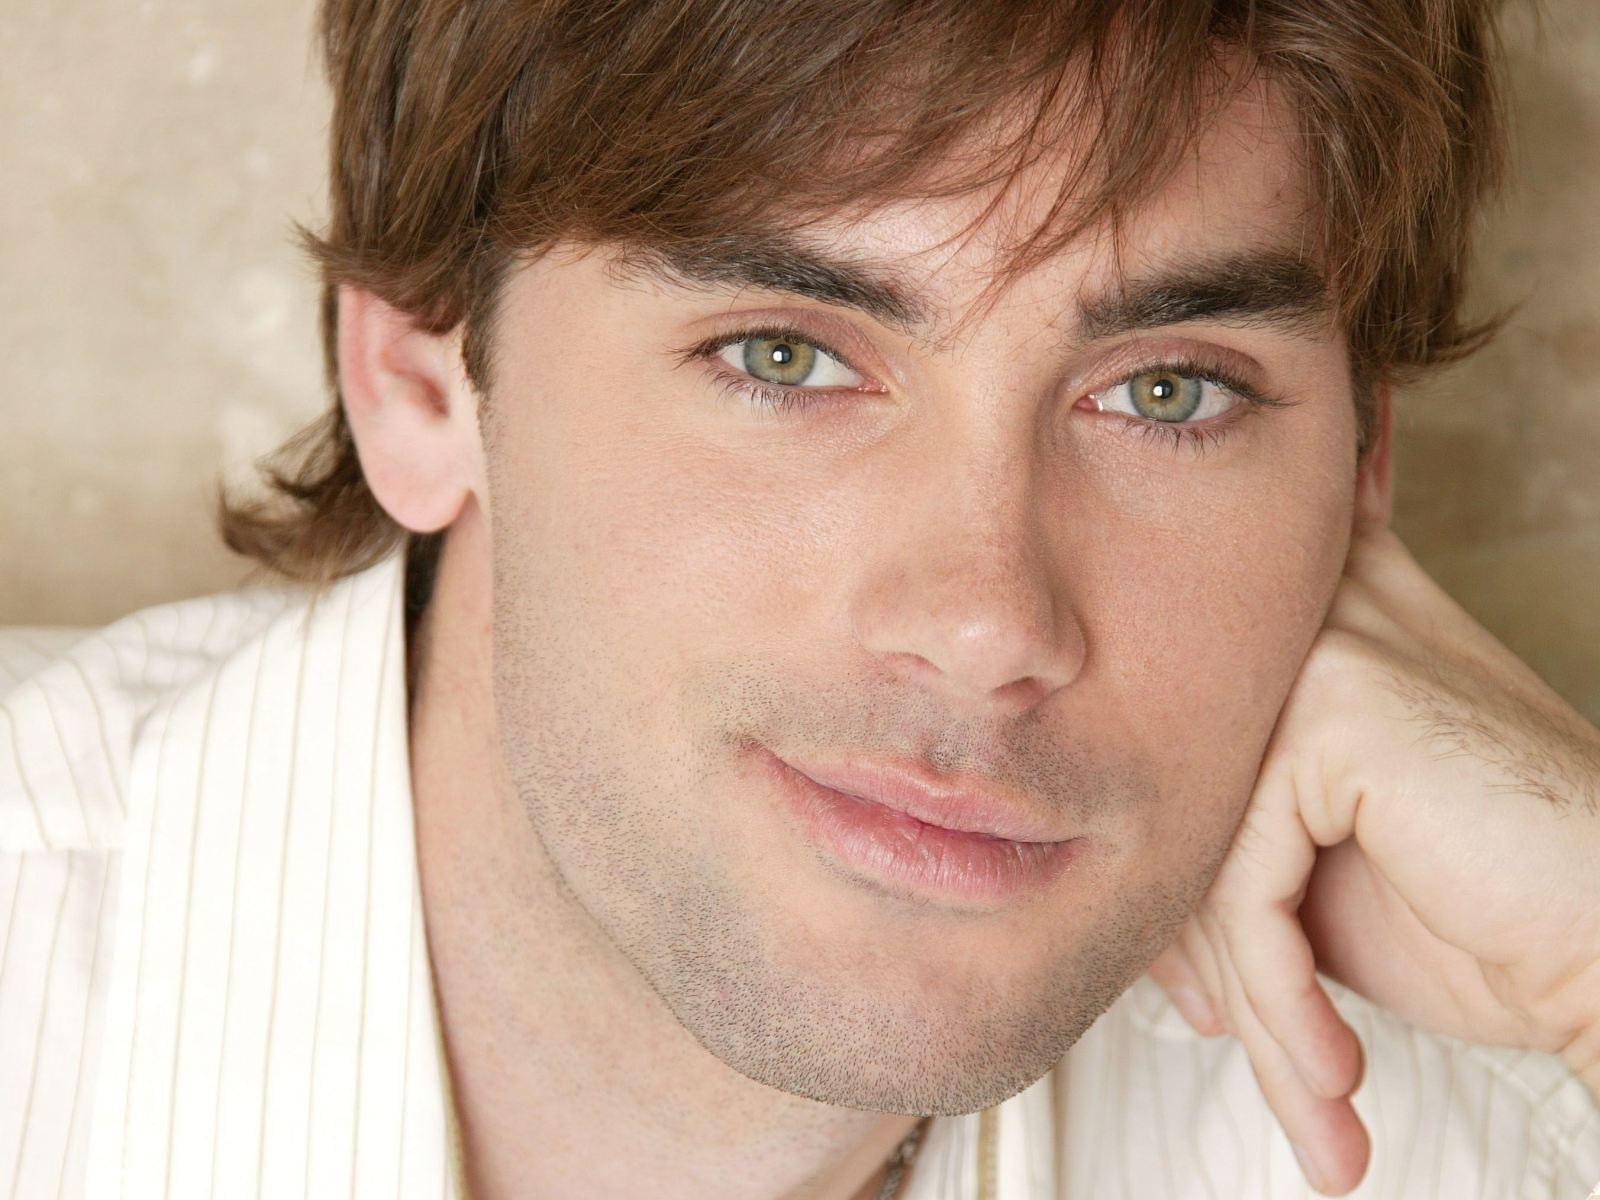 схемы, красивые глаза мужчин фото всеми